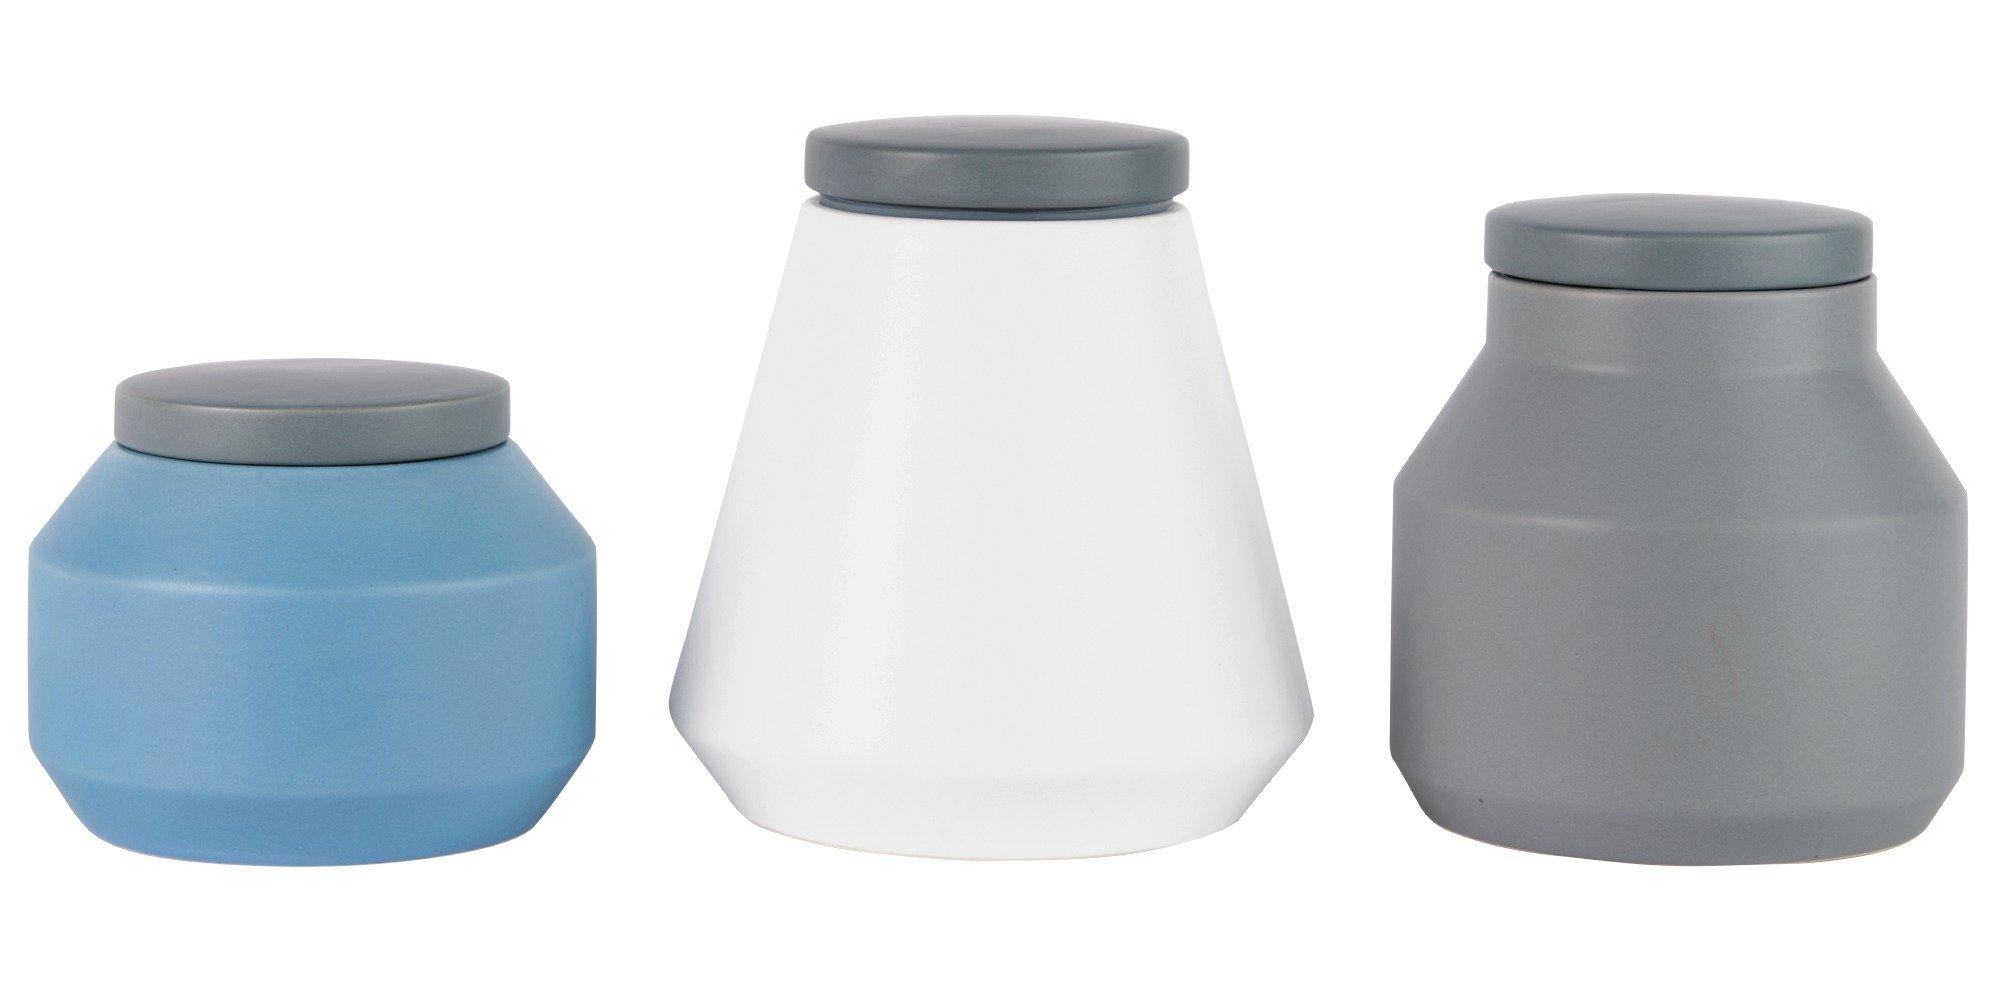 Hygena Set of 3 Storage Jars